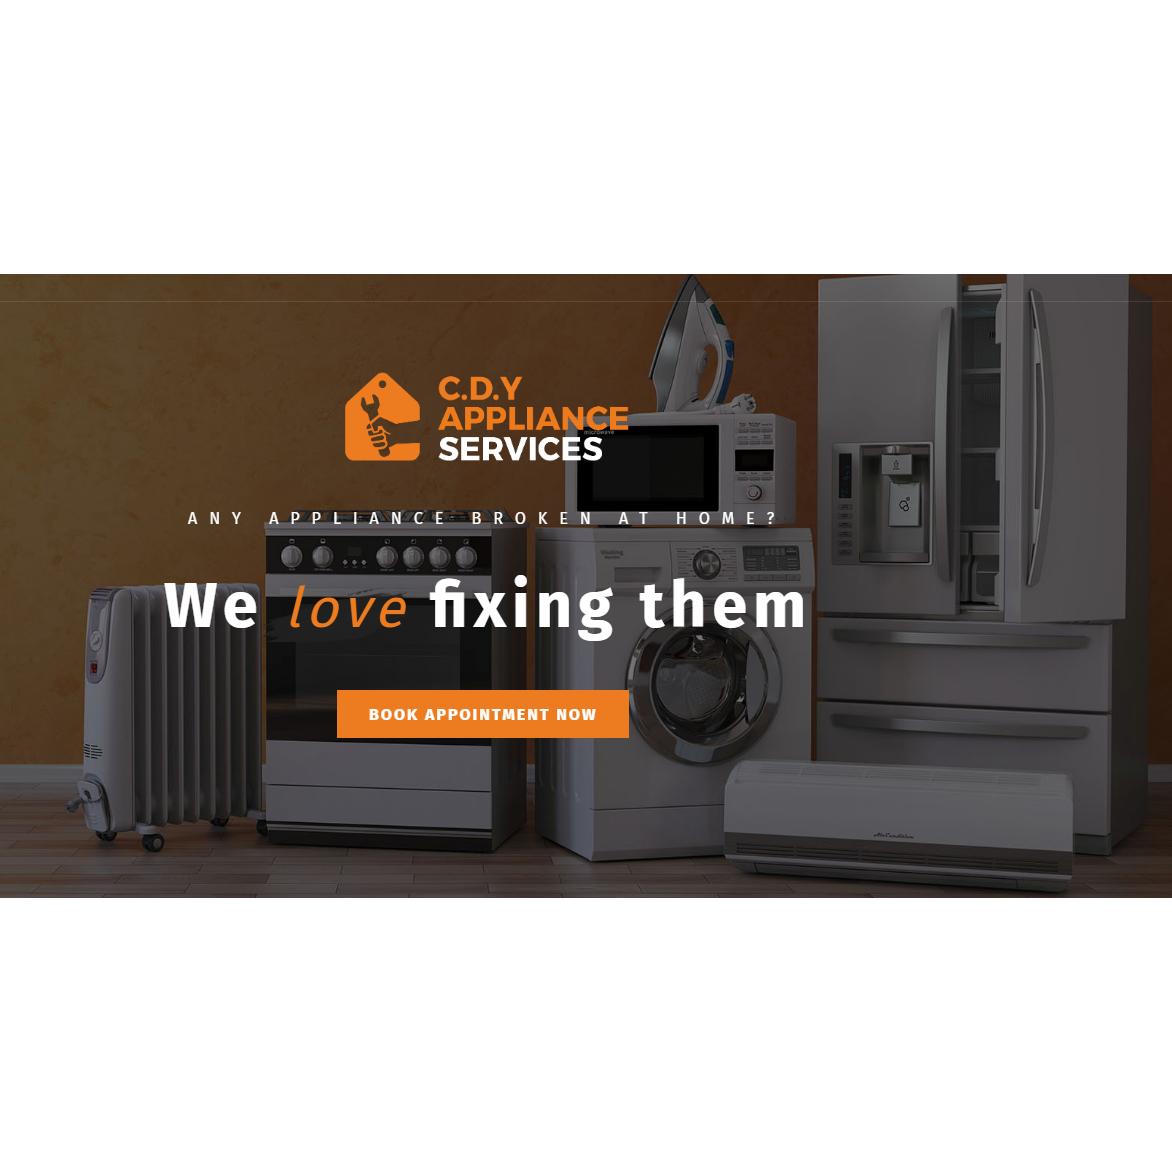 C.D.Y Appliances Services